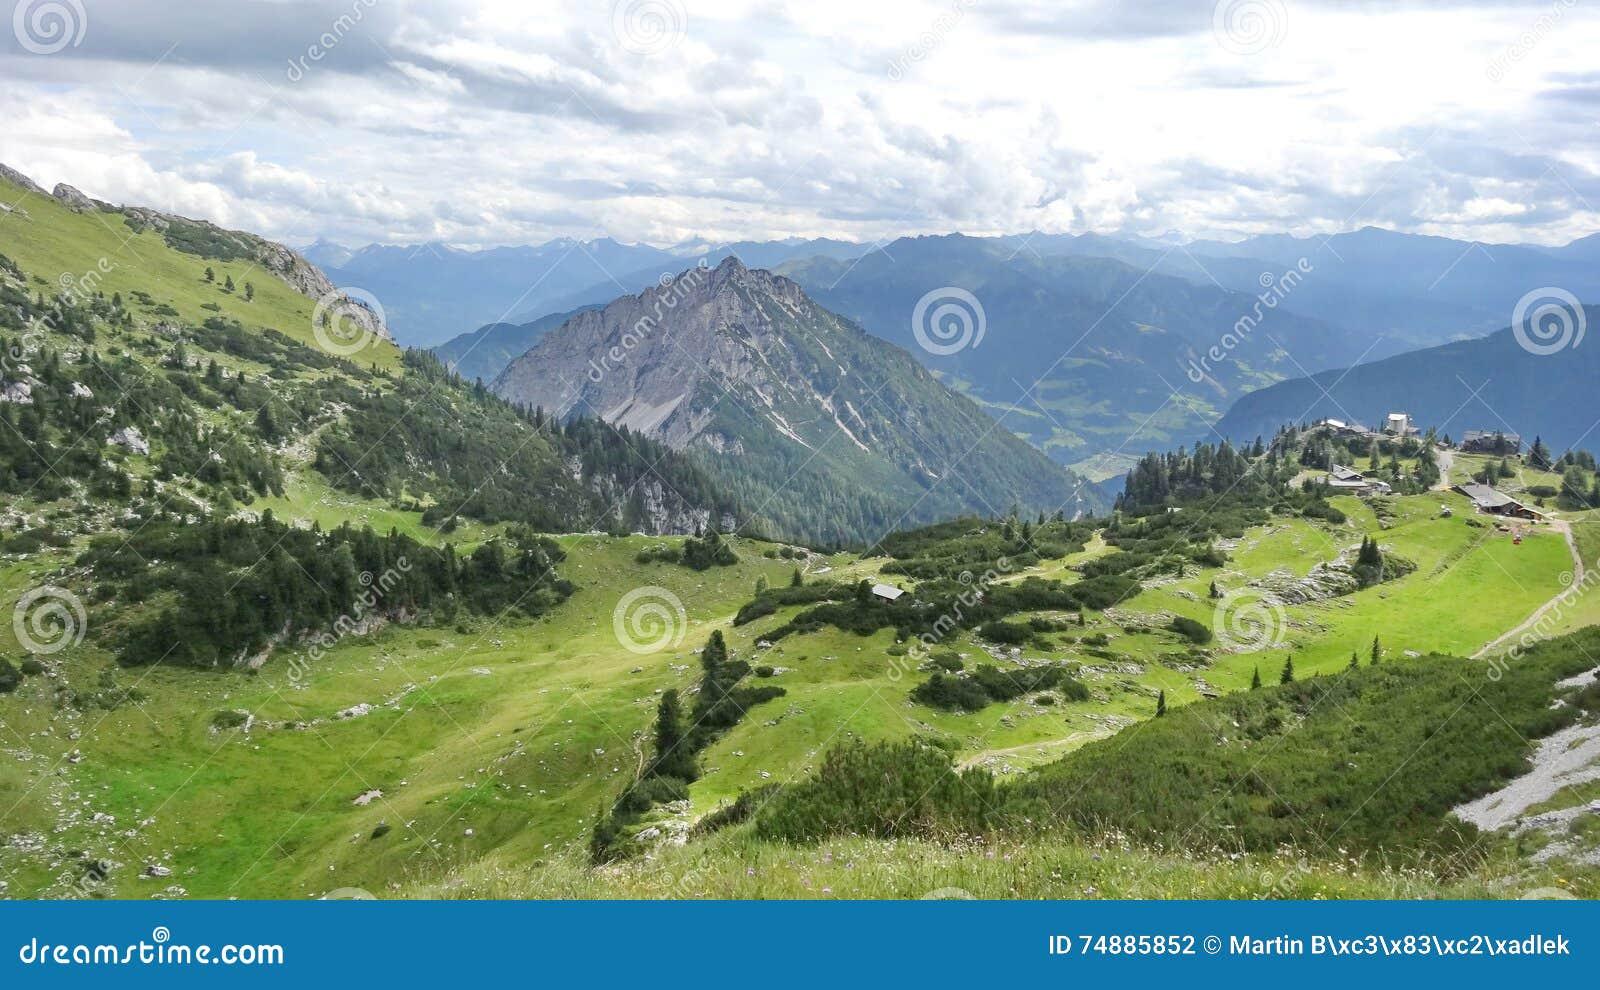 Rofan, Achensee, Tirol Austria